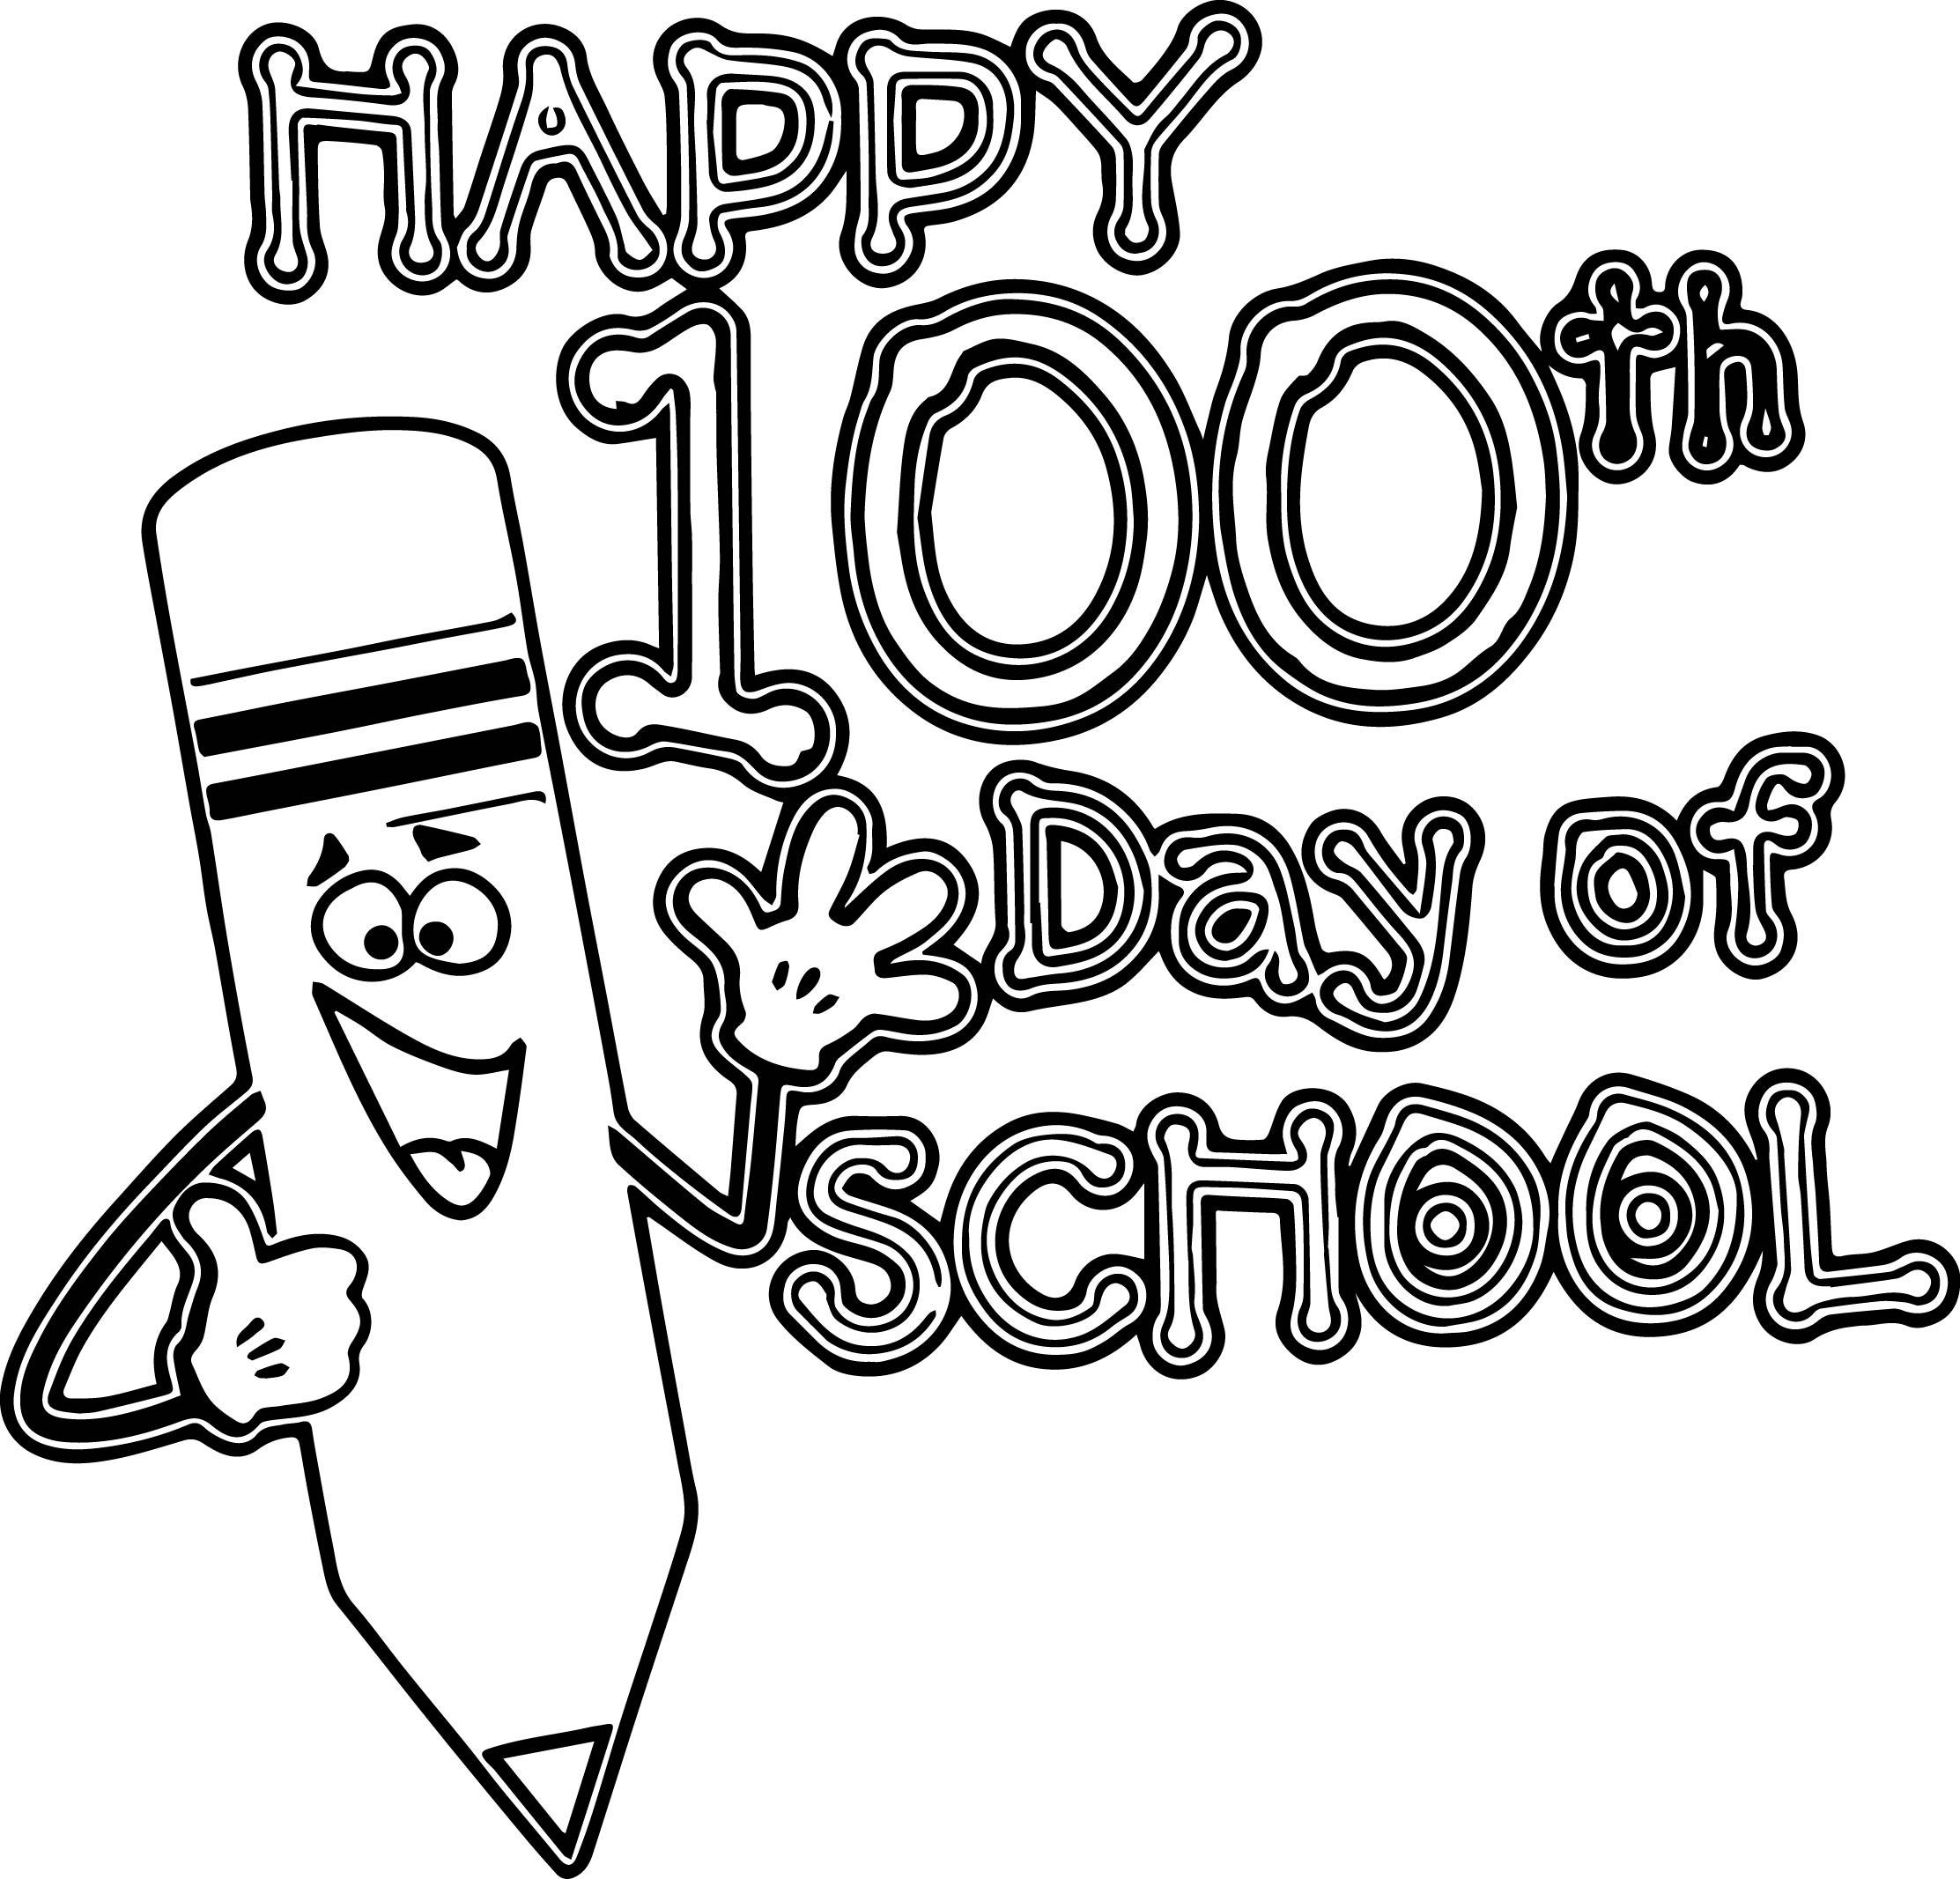 Happy 100th Pencil School Day Coloring Page